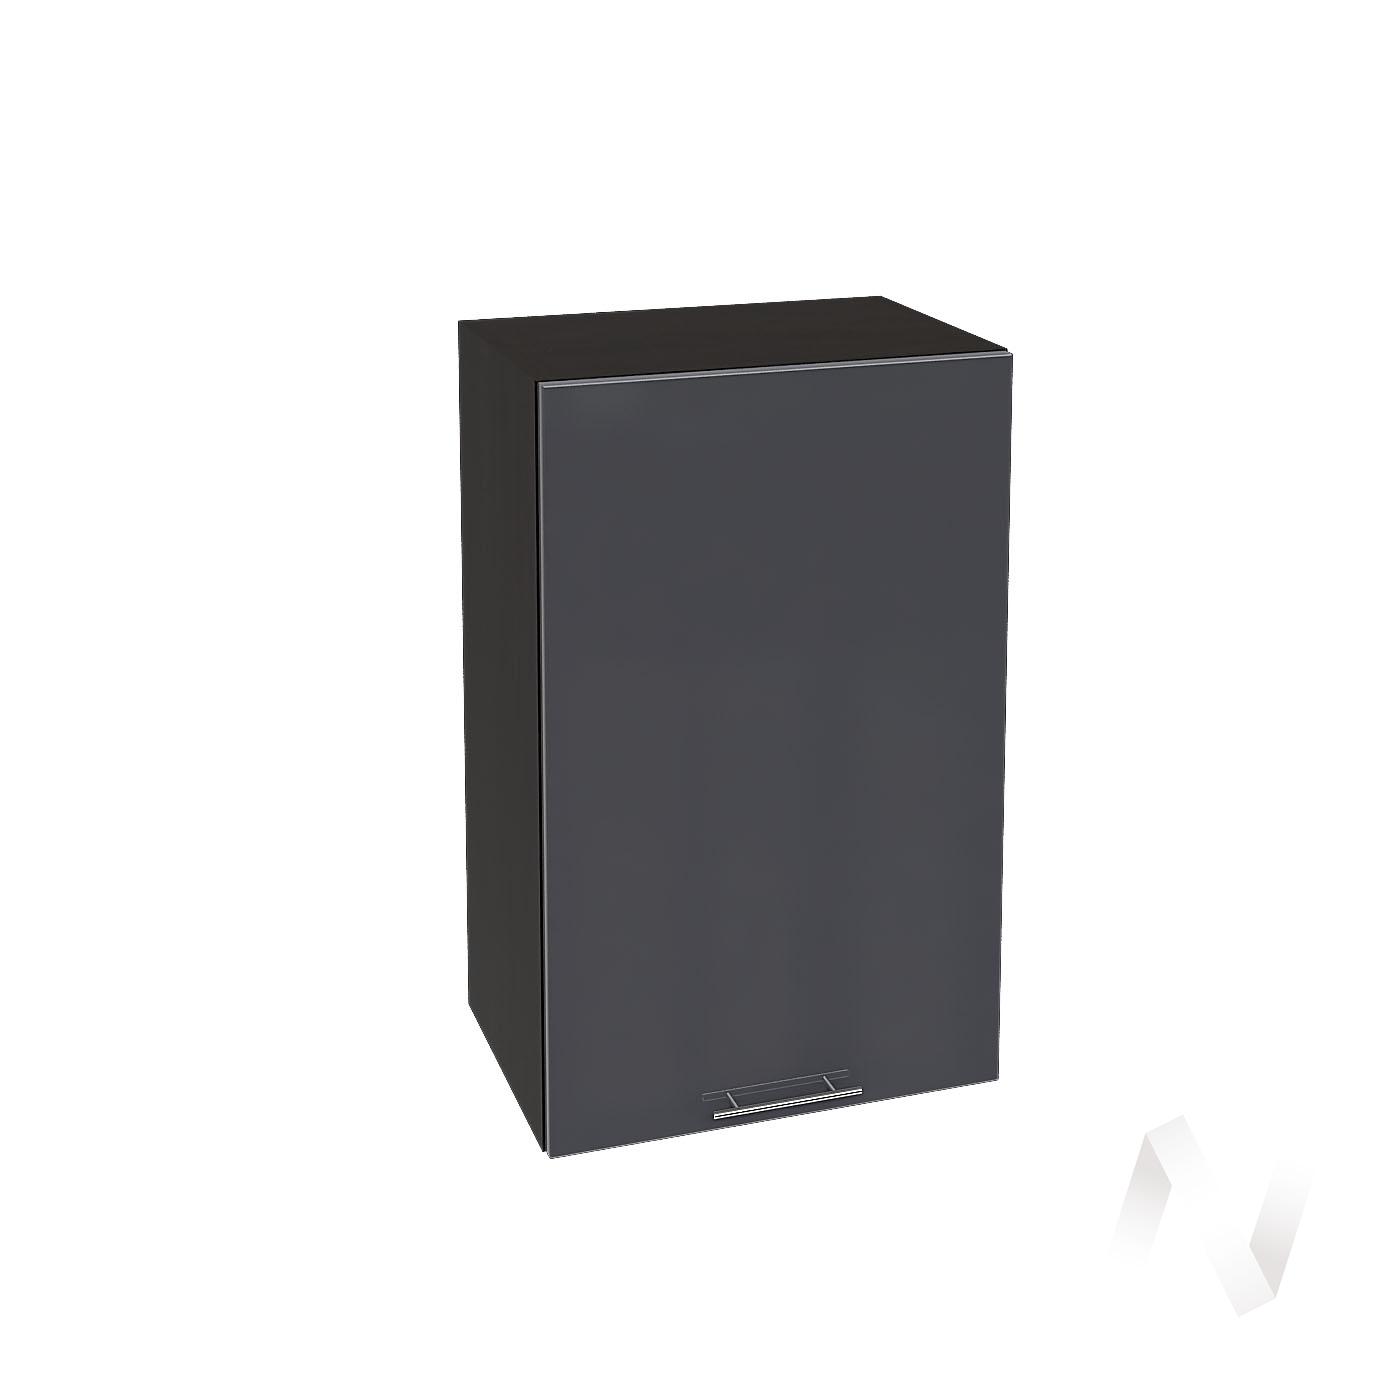 """Кухня """"Валерия-М"""": Шкаф верхний 450, ШВ 450 (Антрацит глянец/корпус венге)"""